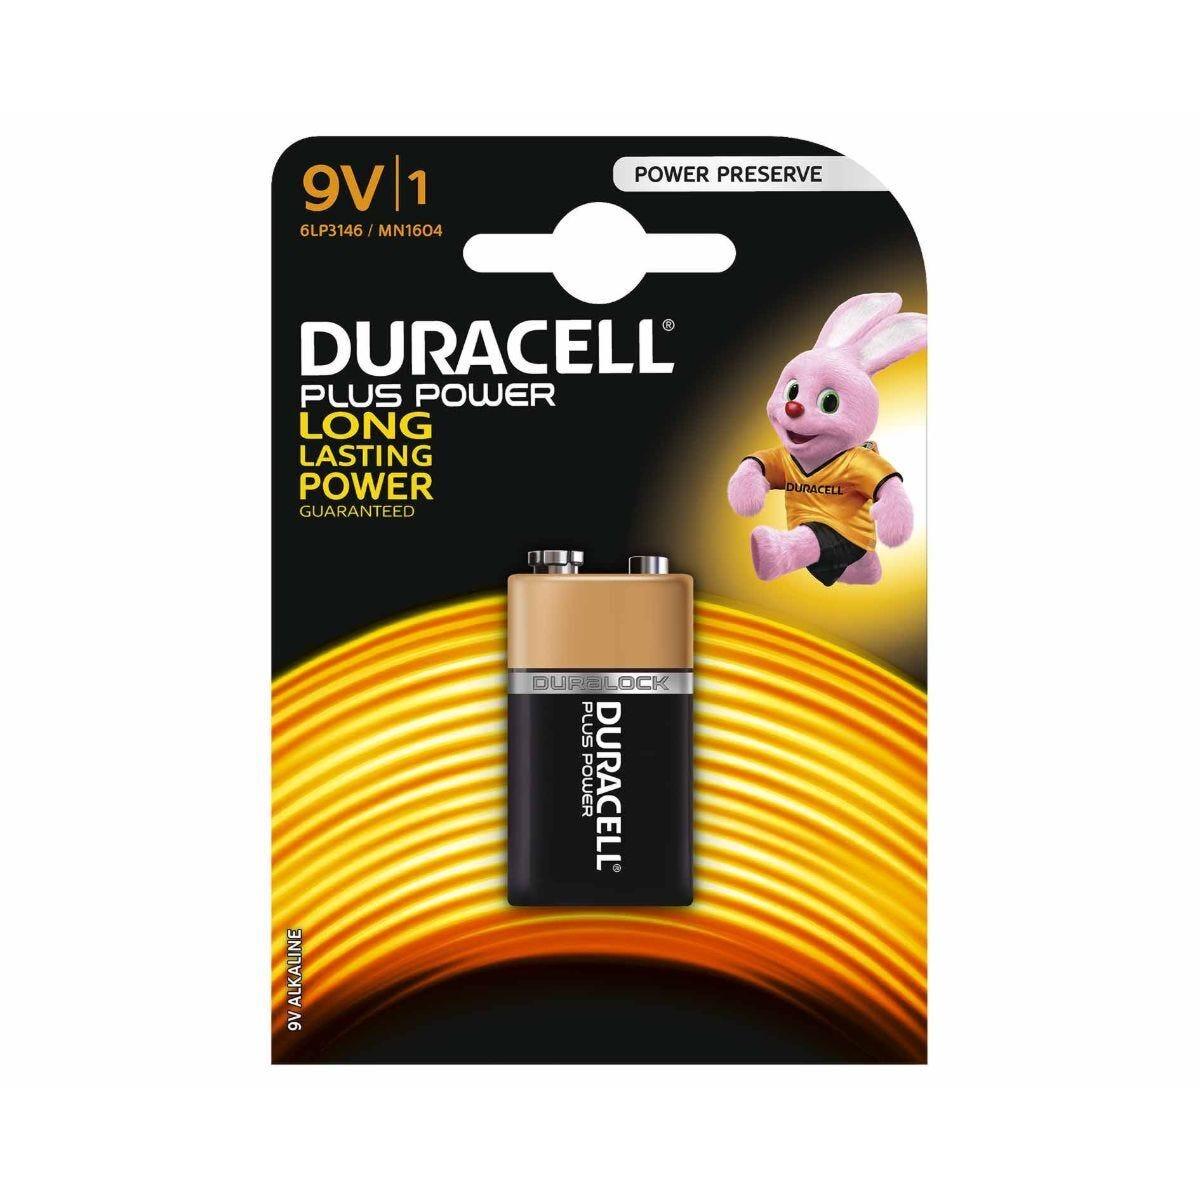 Duracell Plus Power 9V Battery